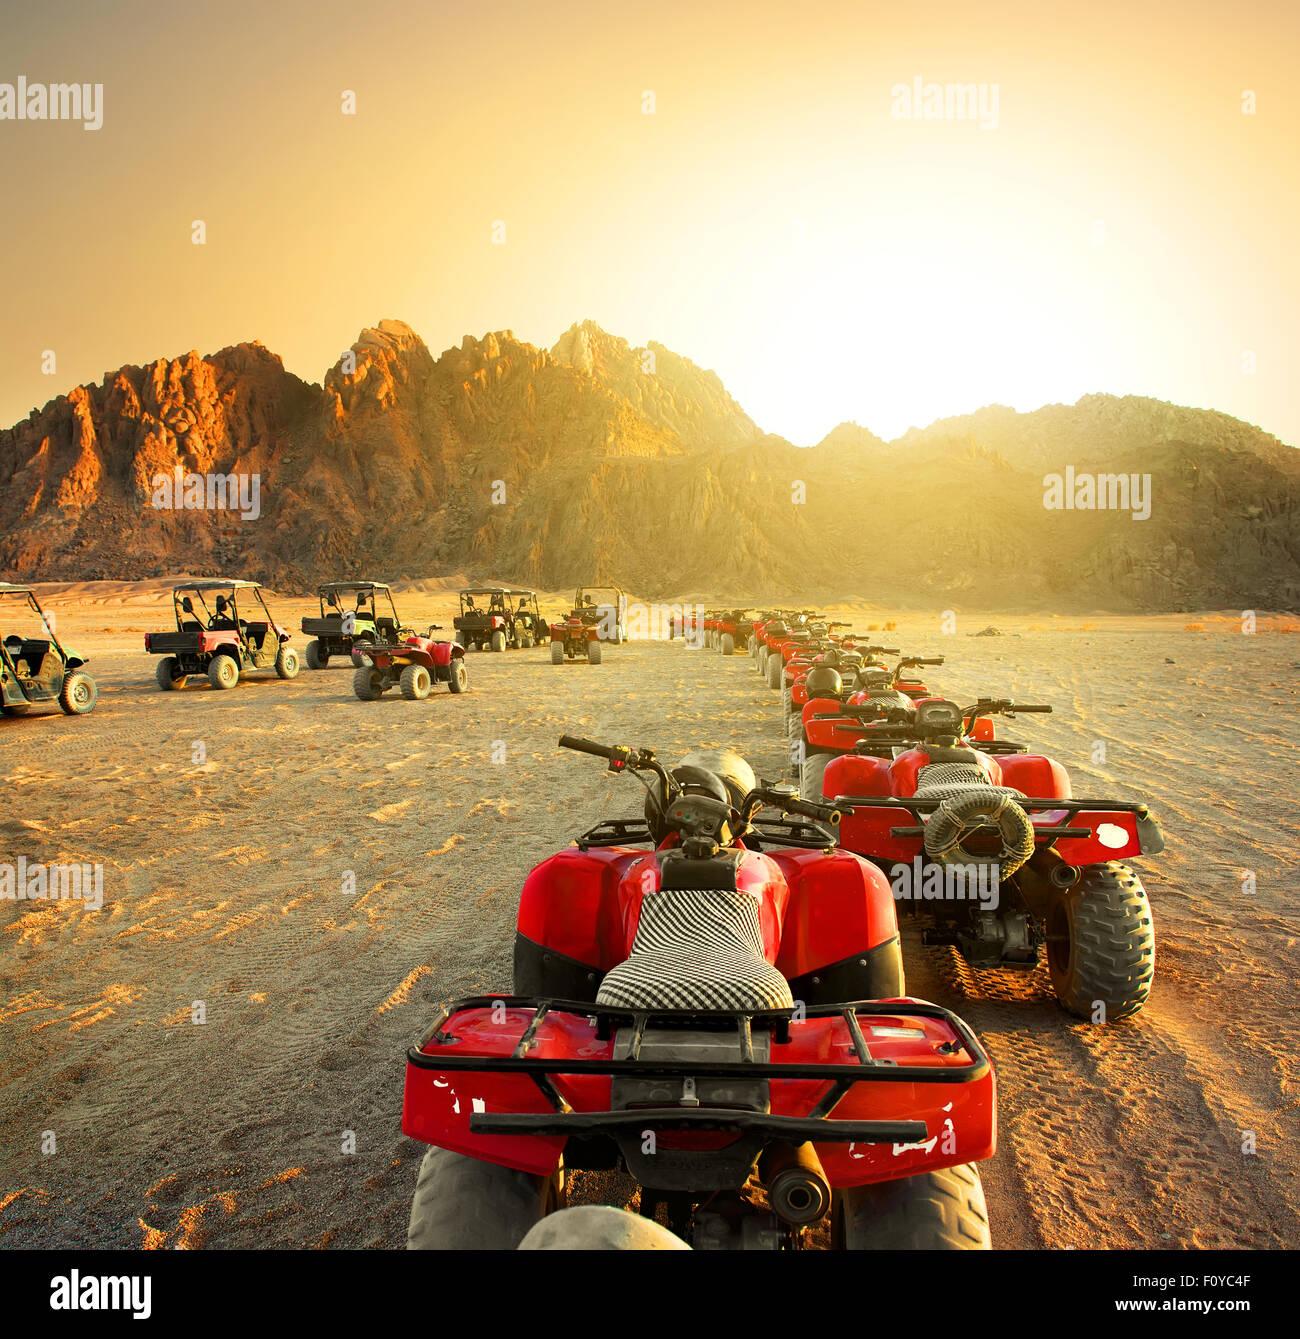 Moto Quad nel deserto al tramonto Immagini Stock